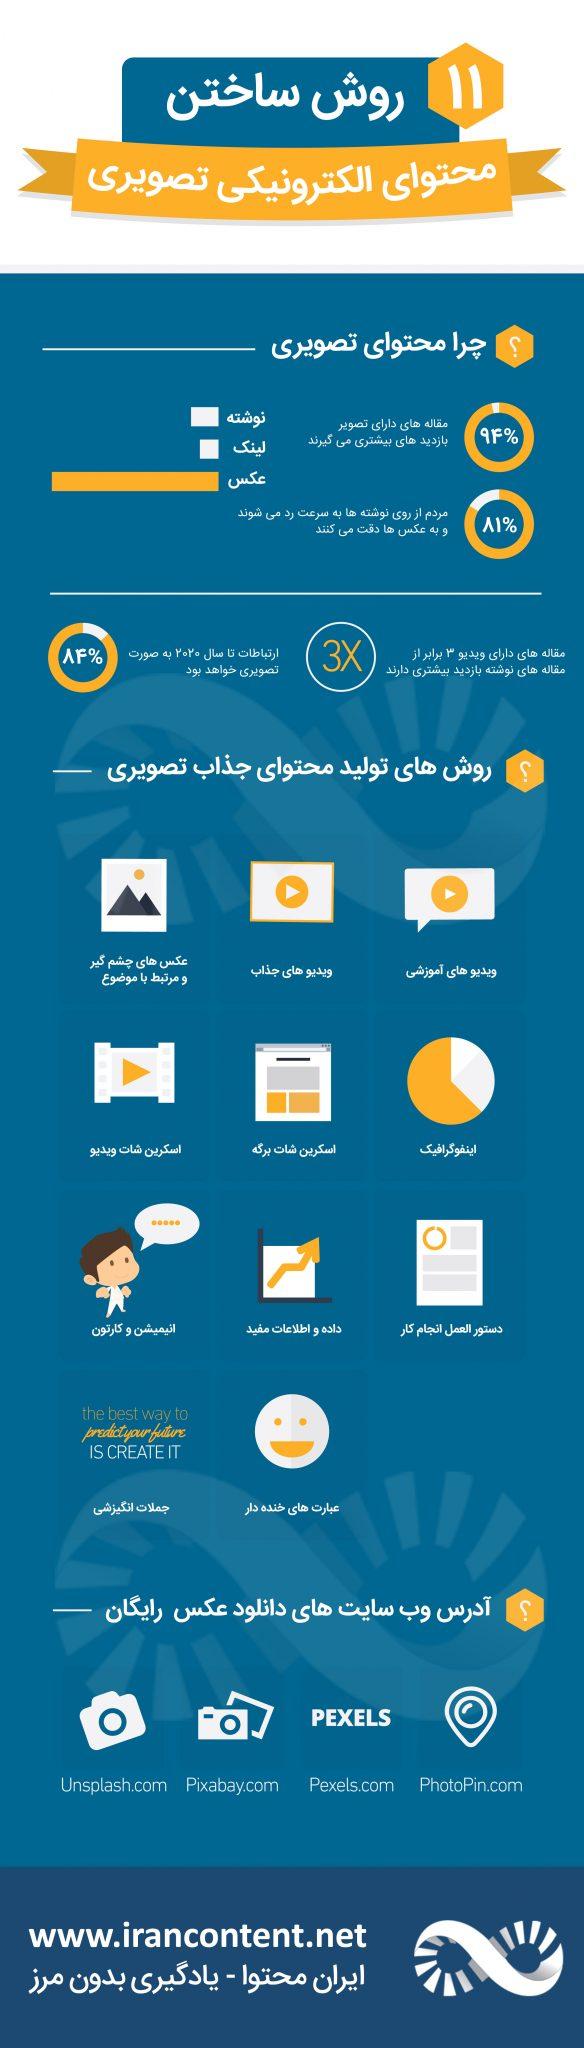 تولید محتوای الکترونیکی - ابزار مورد نیاز برای تولید محتوای الکترونیکی تصویری - اینفوگرافیک فارسی